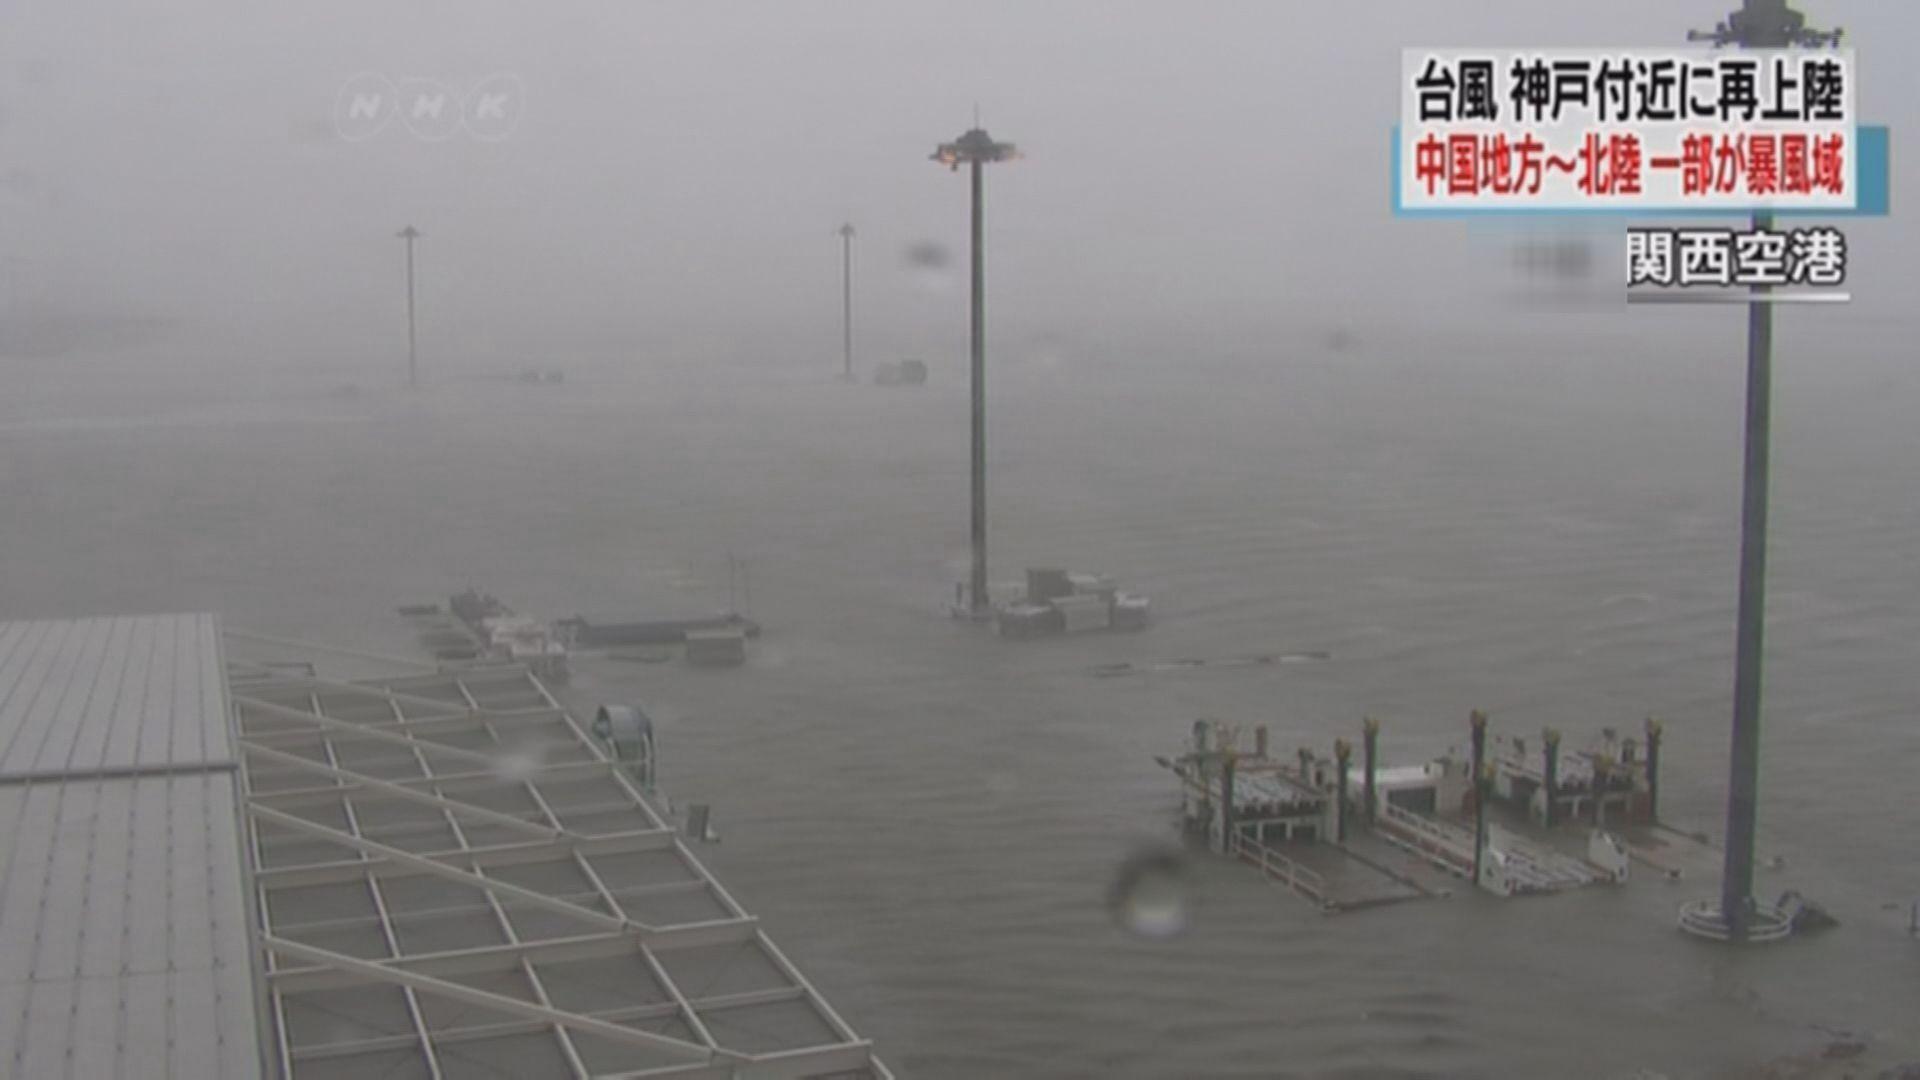 飛燕吹襲日本 關西機場因海水倒灌需關閉